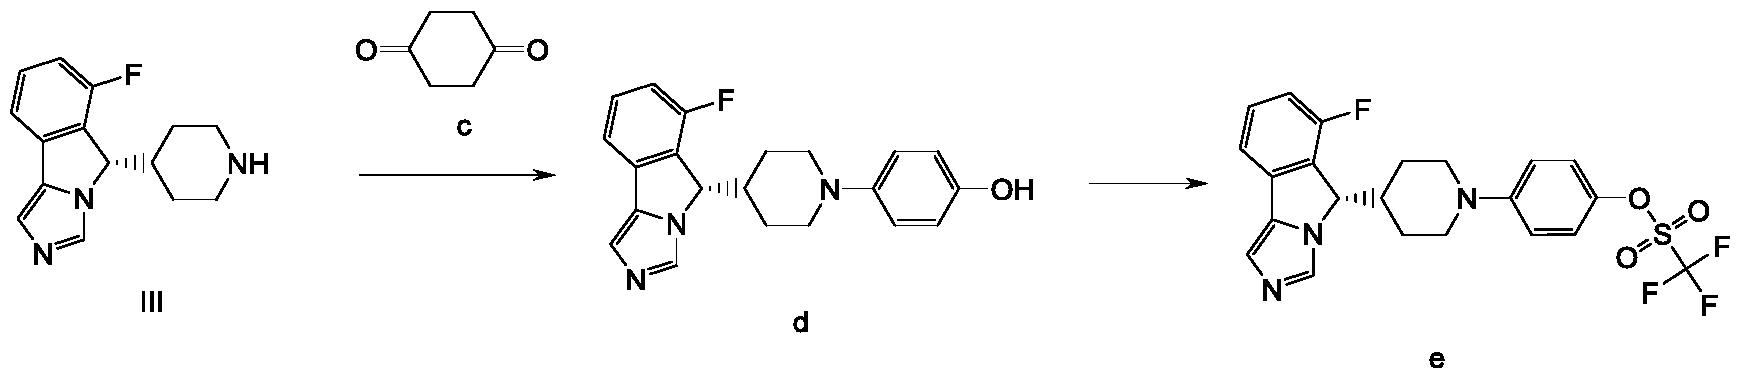 Figure PCTCN2018099113-appb-000014